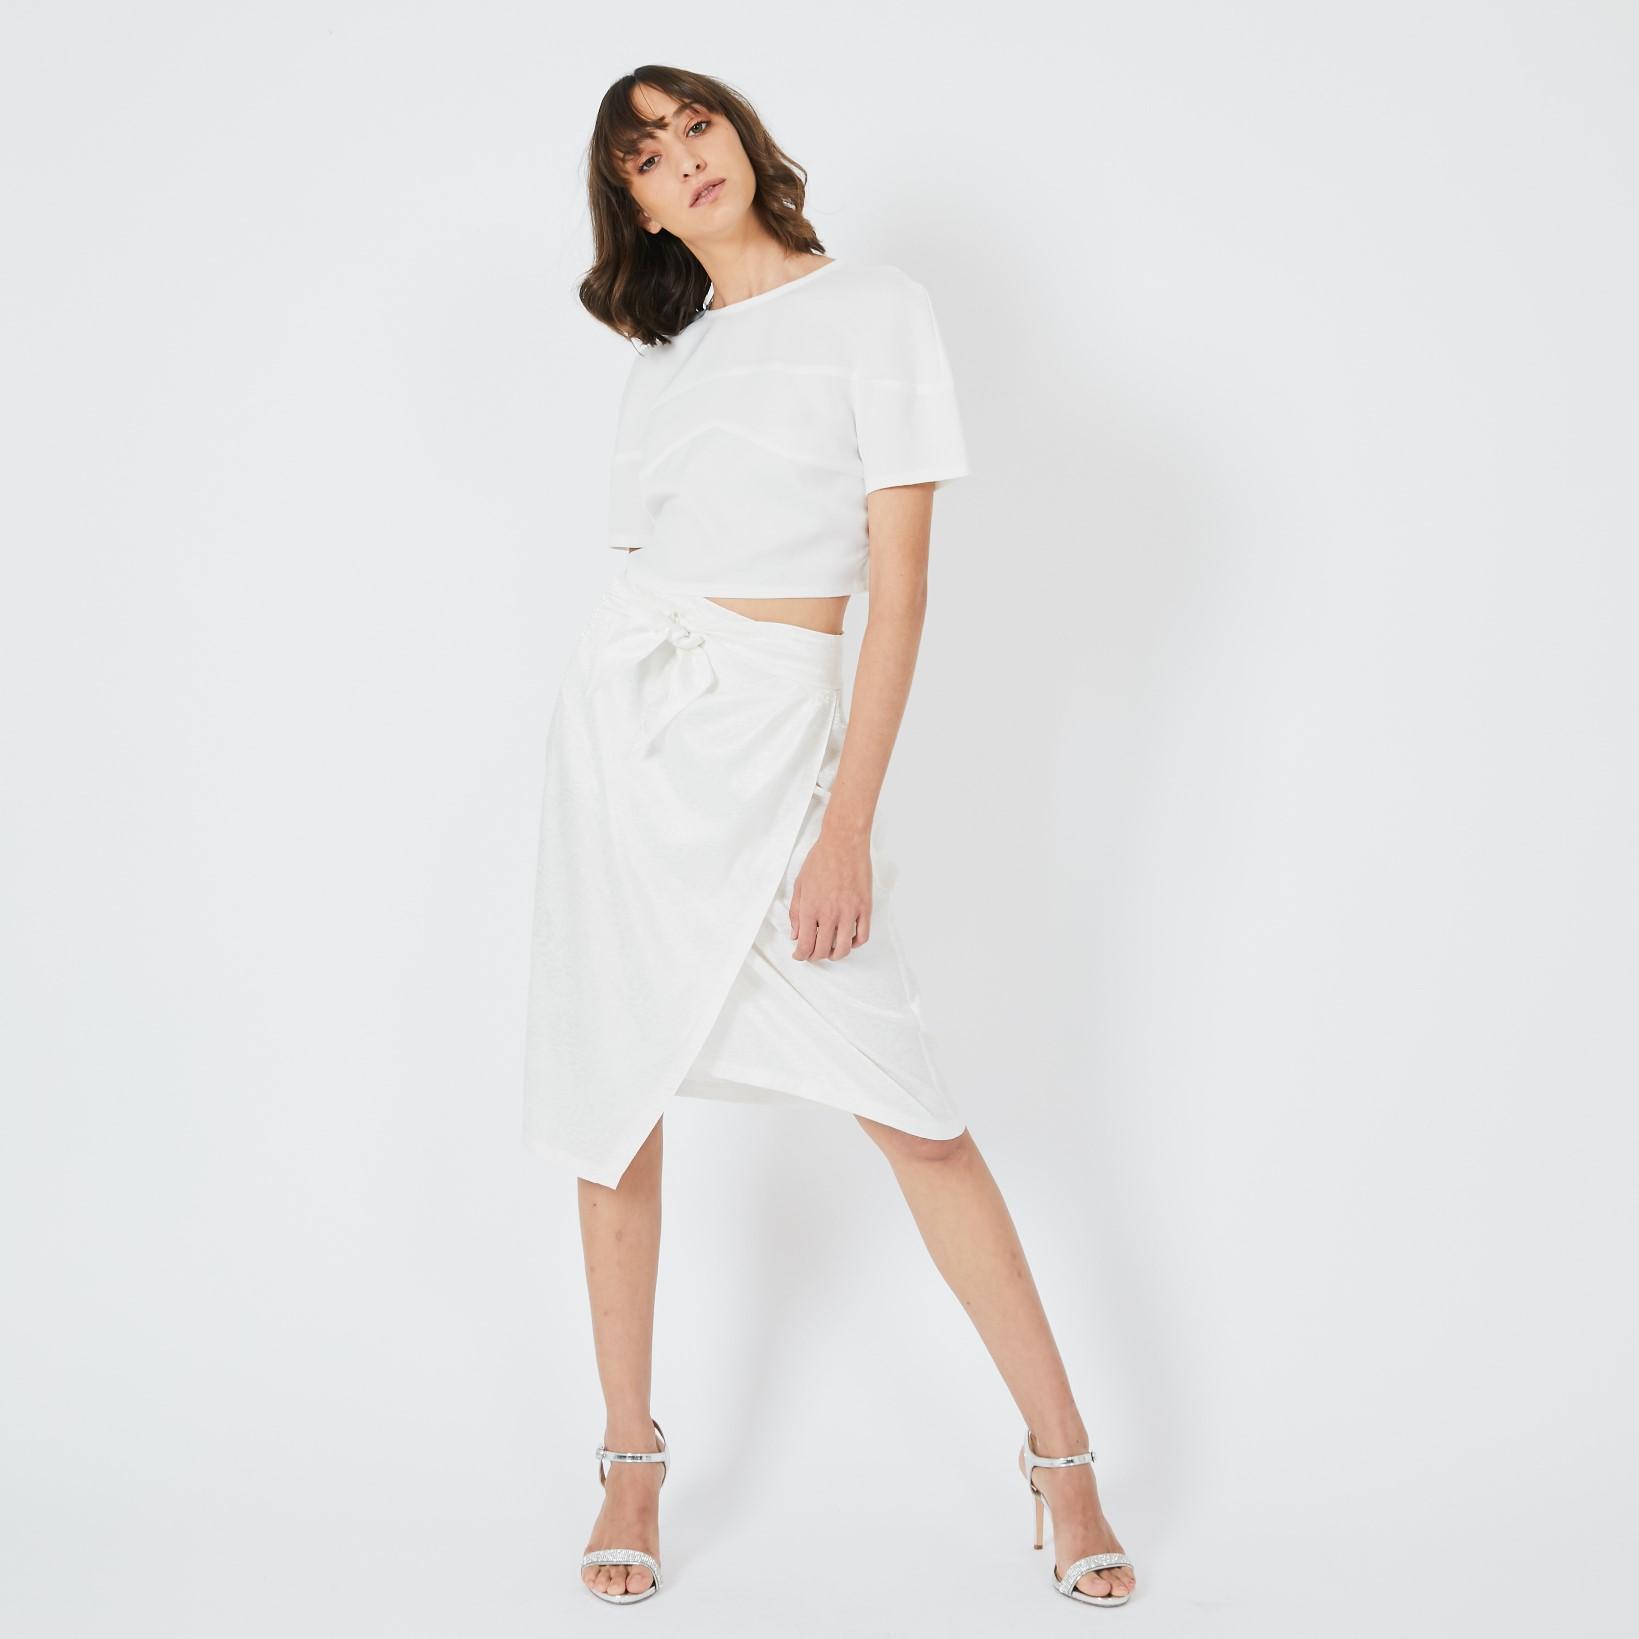 חצאית מוס פרינט לבן